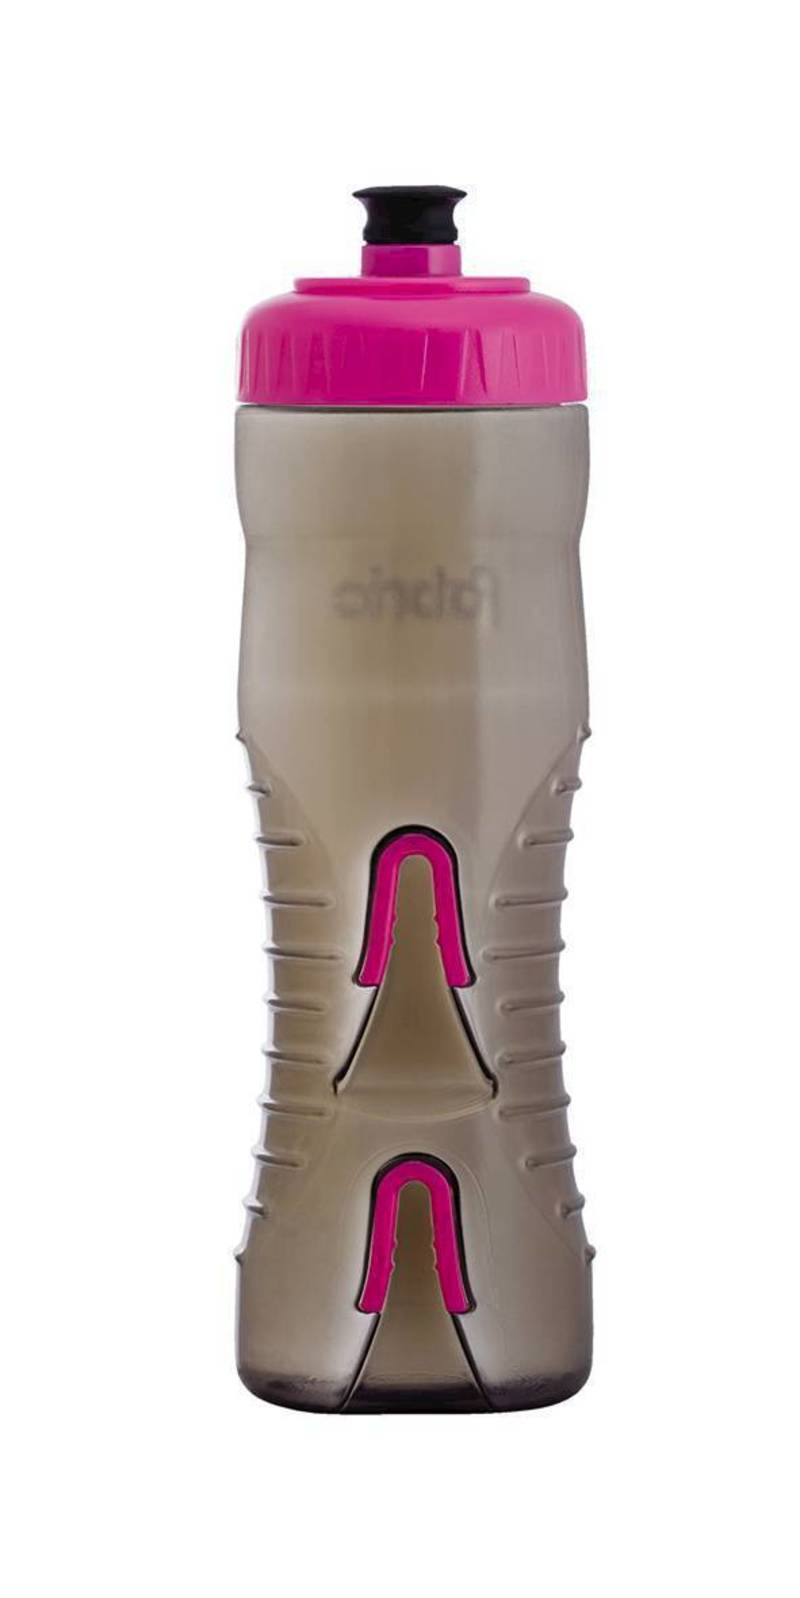 Fabric bezkošíková láhev CAGELESS 750 ml